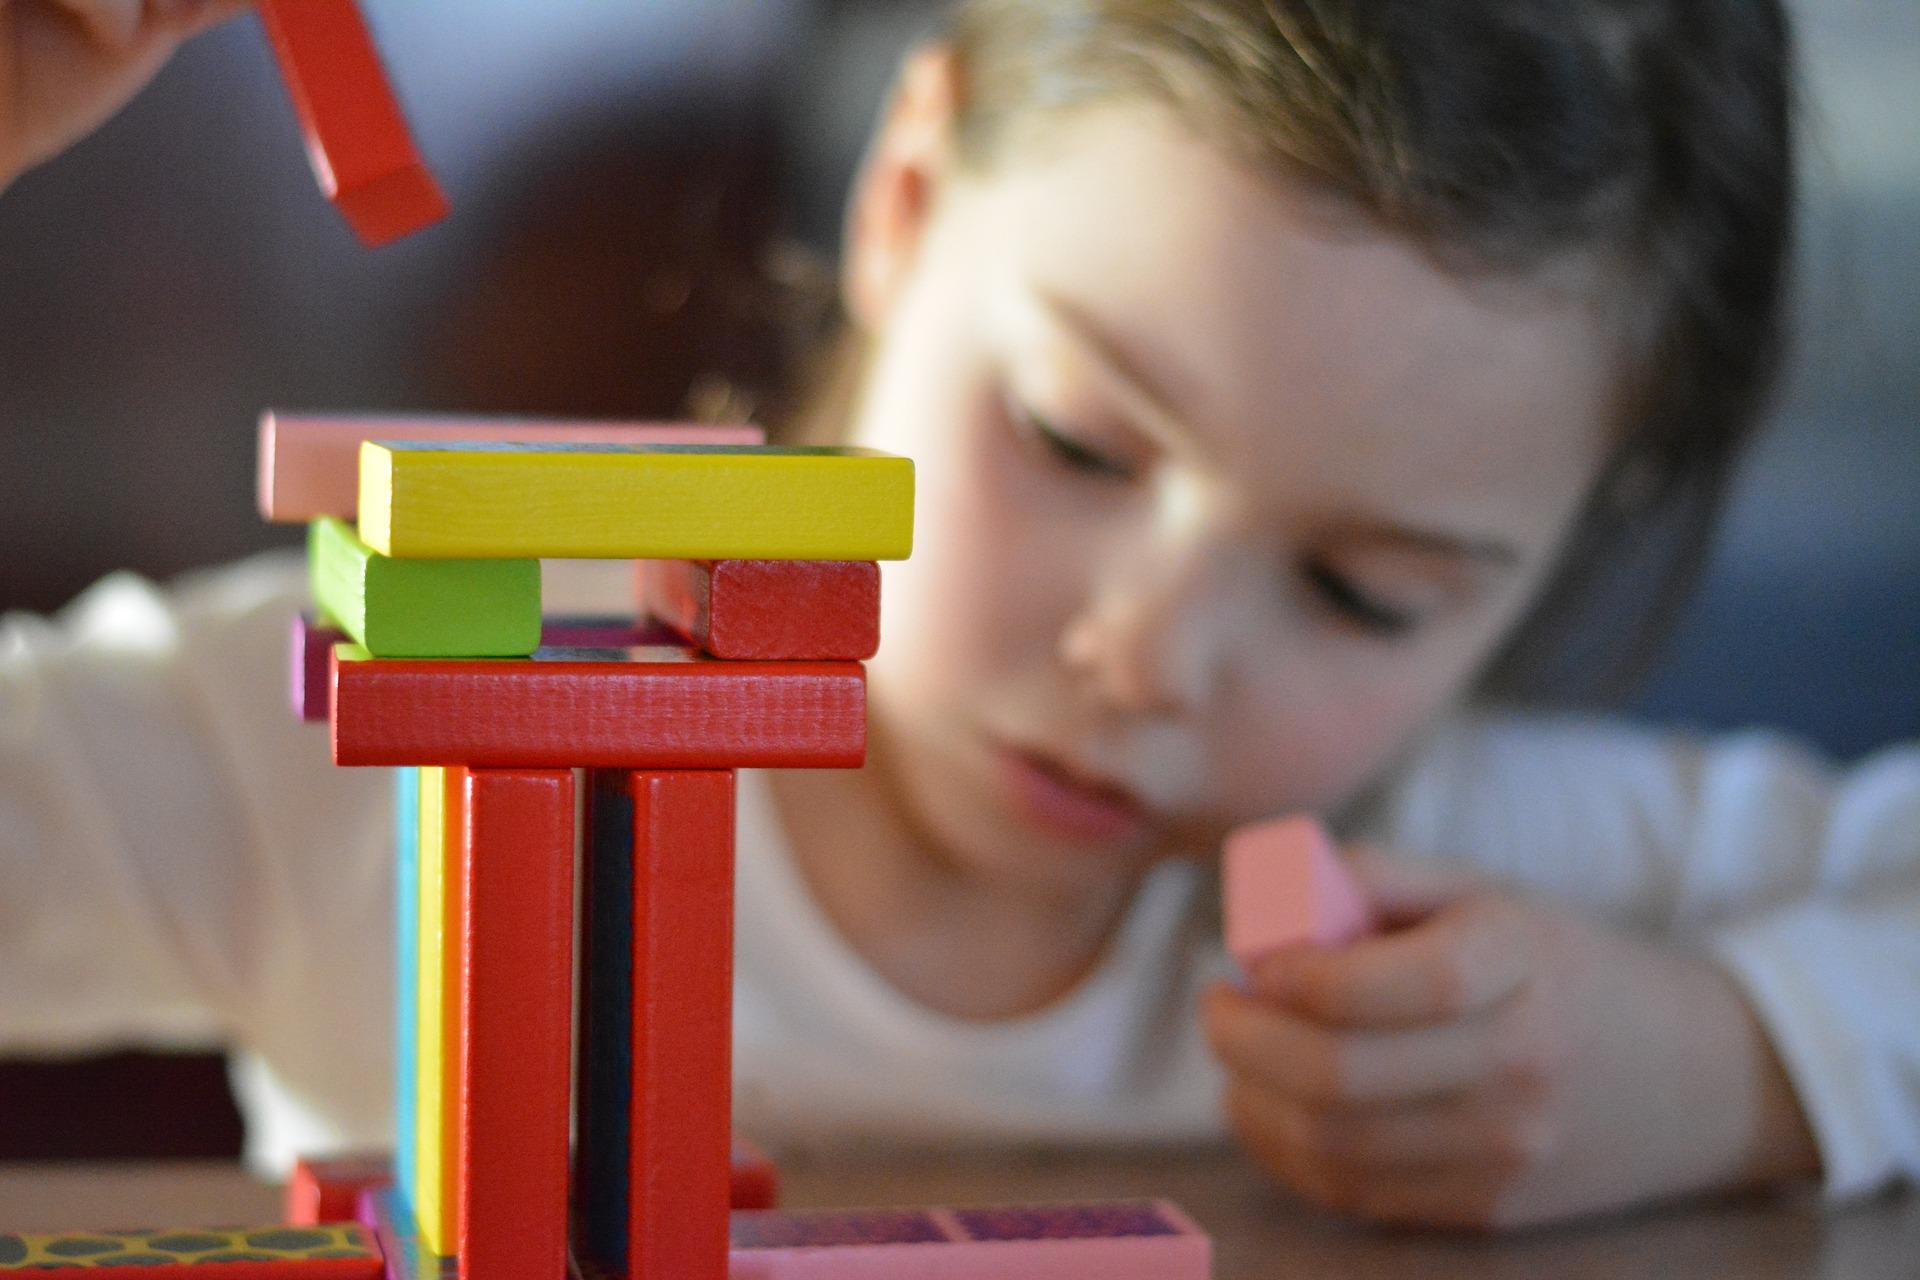 5 Steps To Teaching Play Skills